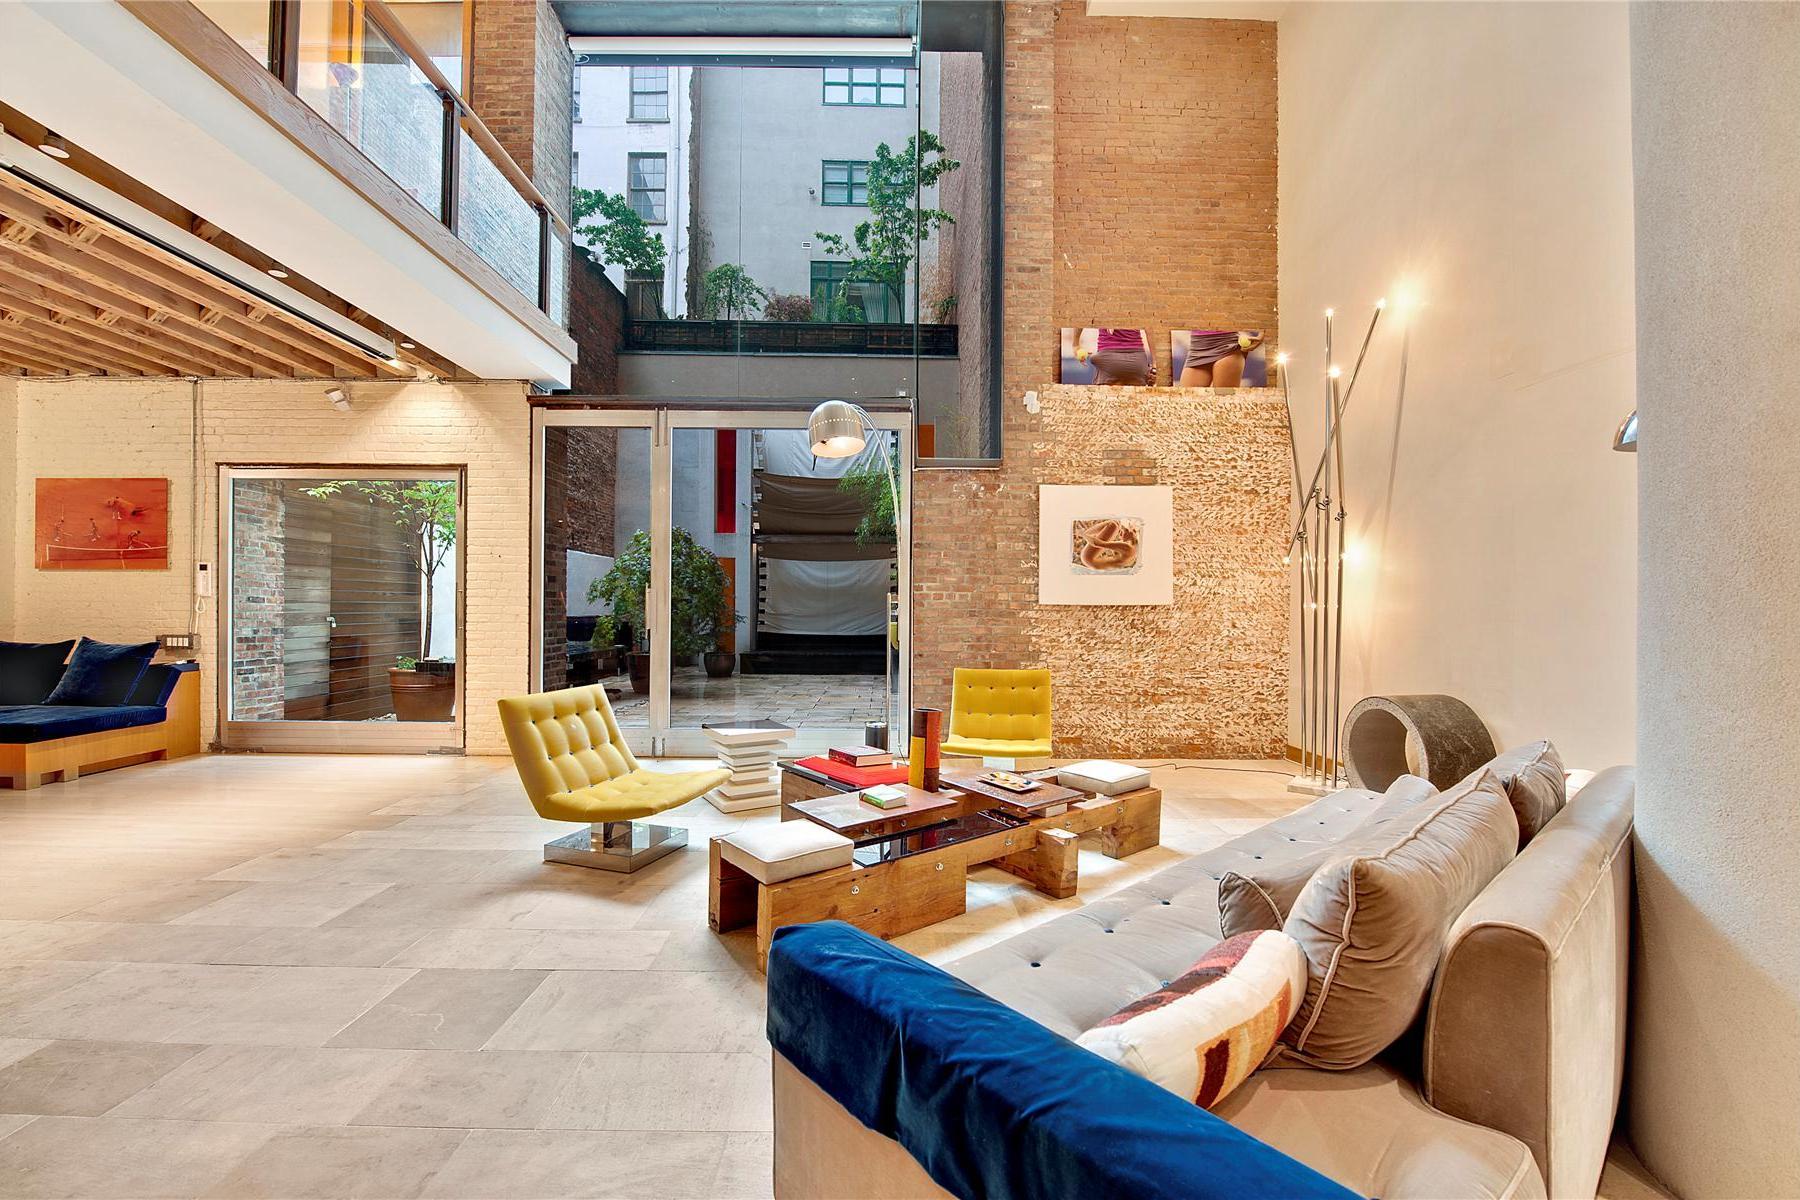 urban design holz bequem wohnbereich dekoration